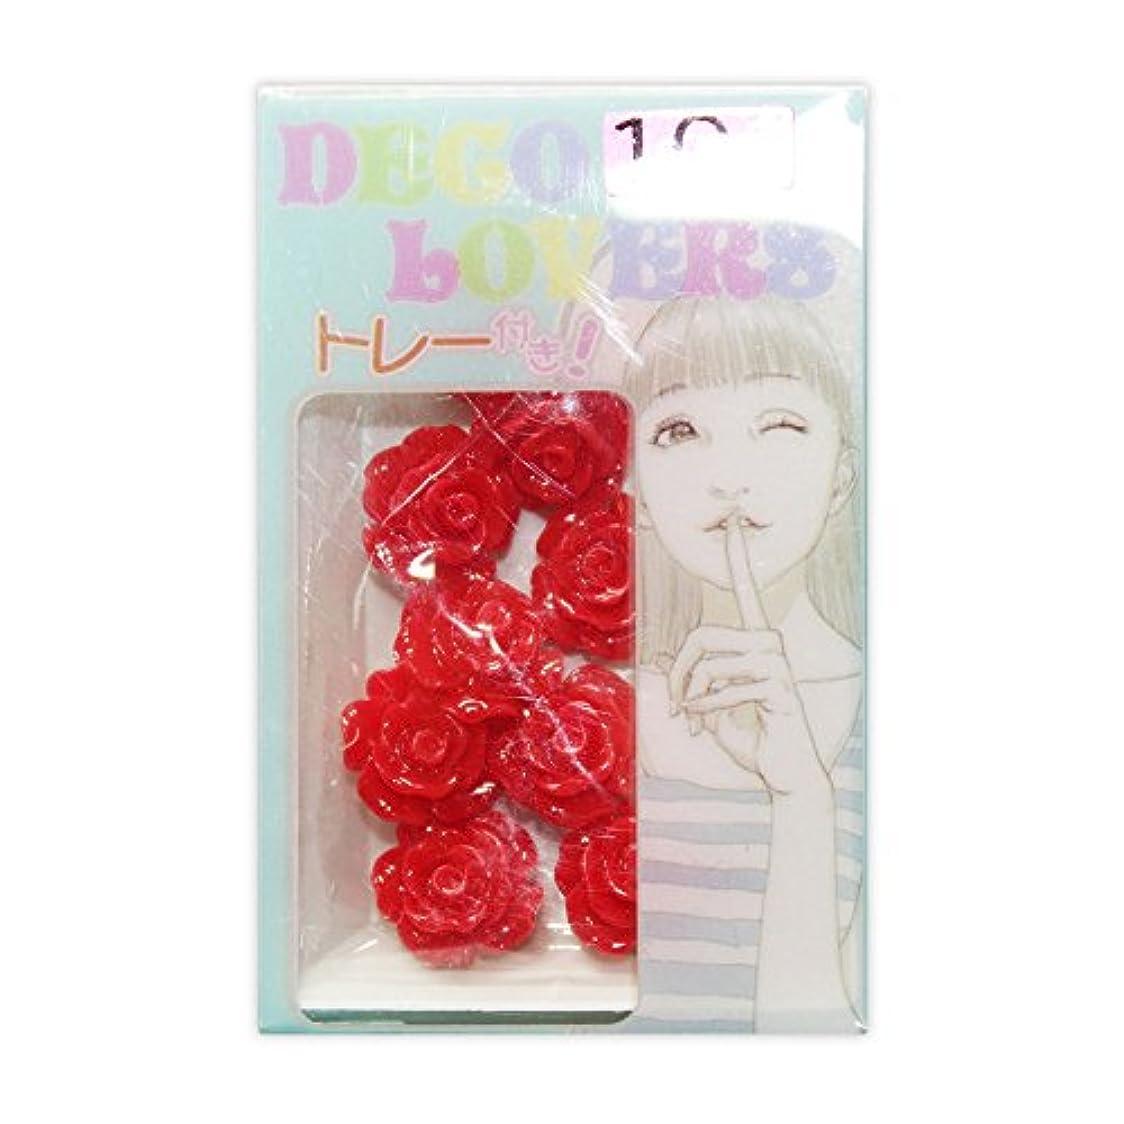 かんたんオーナメントアッパーラインストーン DL017/flower rosem red